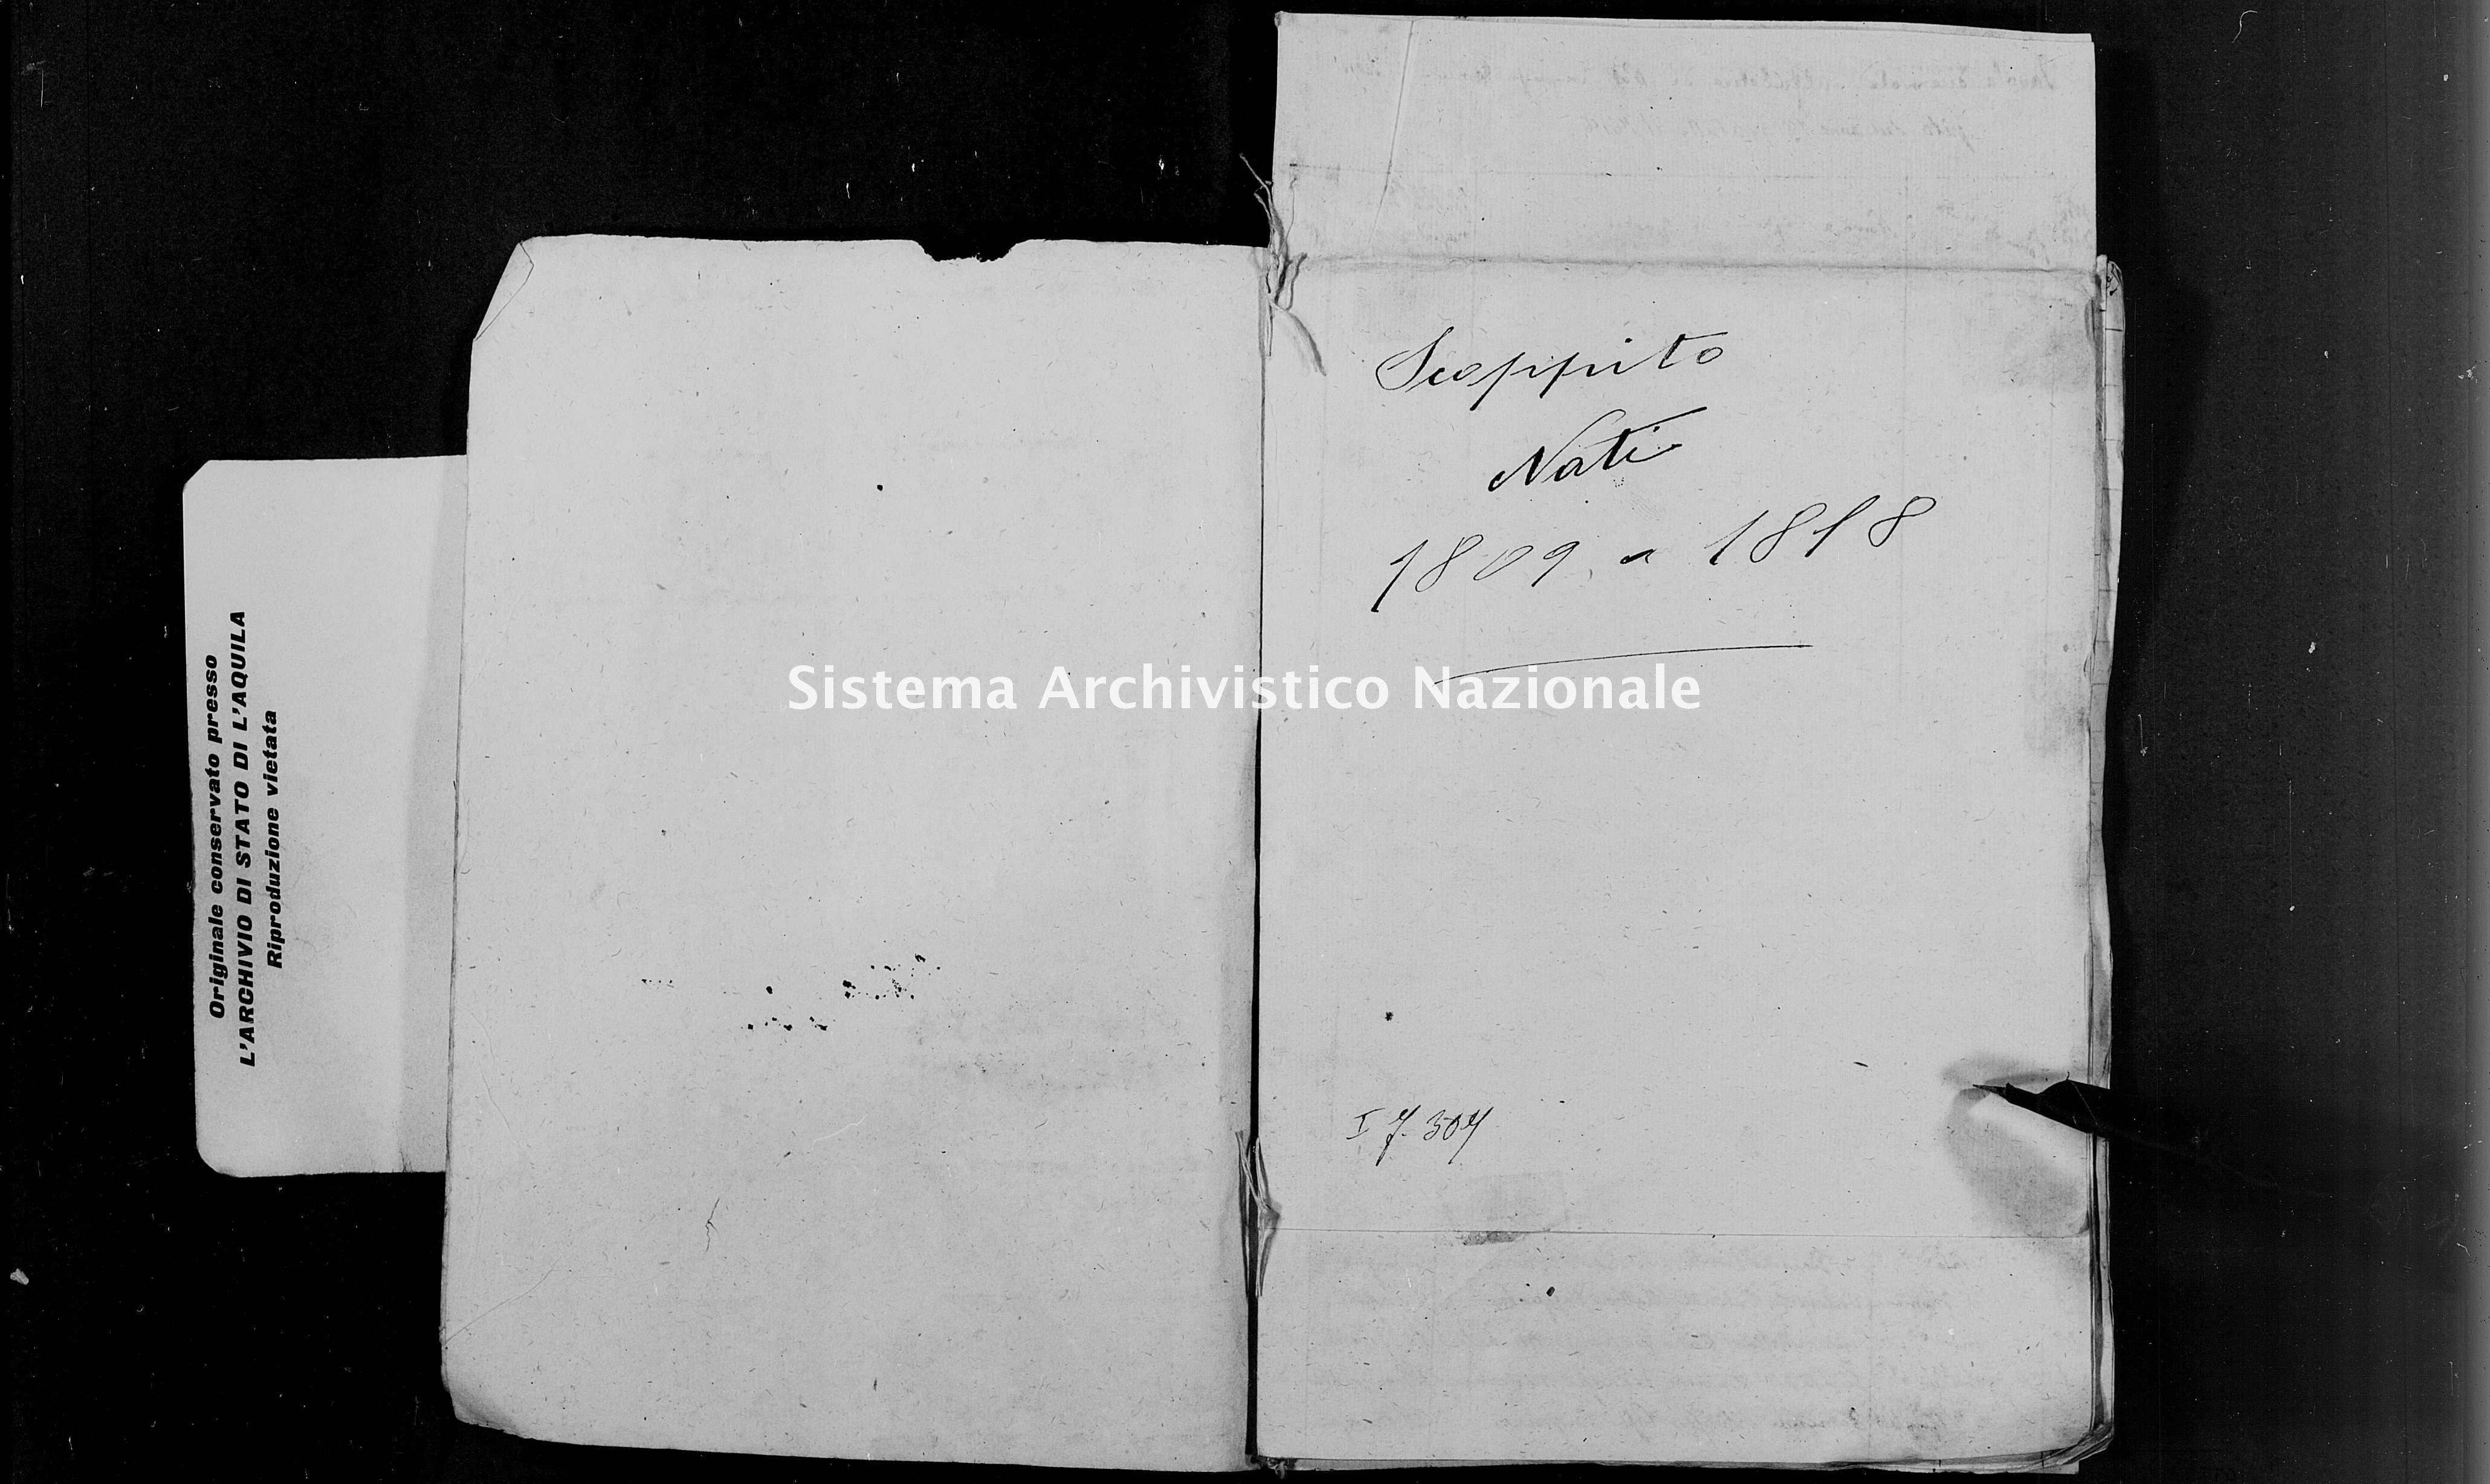 Archivio di stato di L'aquila - Stato civile napoleonico - Scoppito - Nati, indici decennali - 1809-1818 - 3779 -